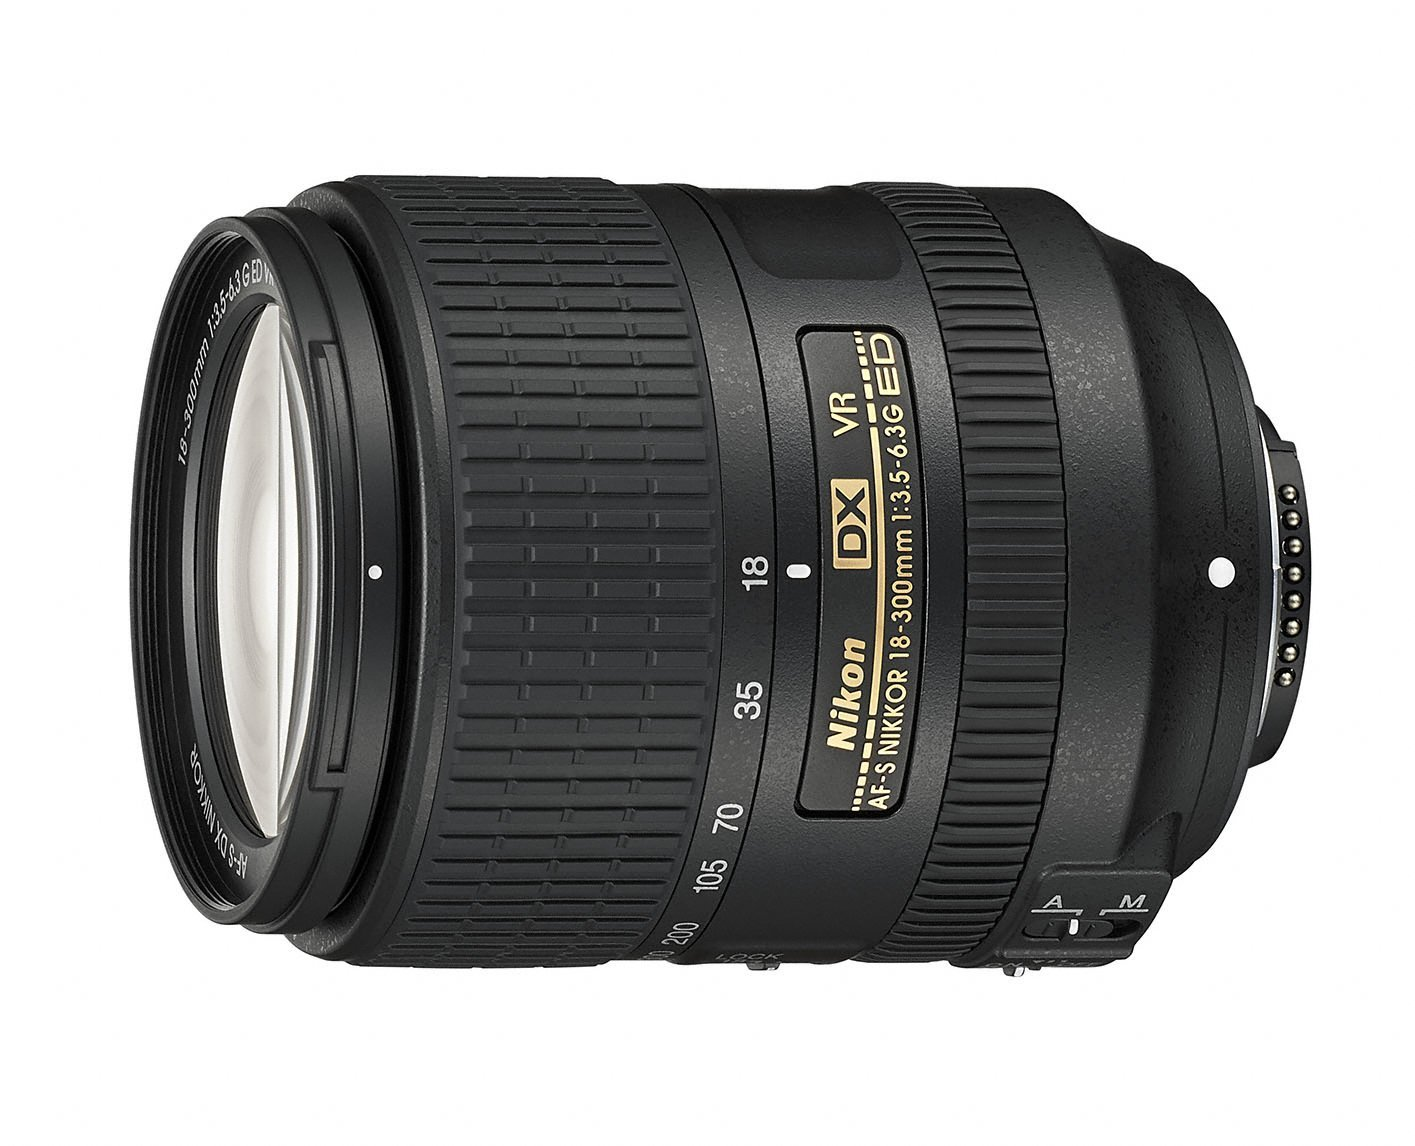 NIKON 18-300 mm f/ 3,5-6,3 G AF-S ED VR